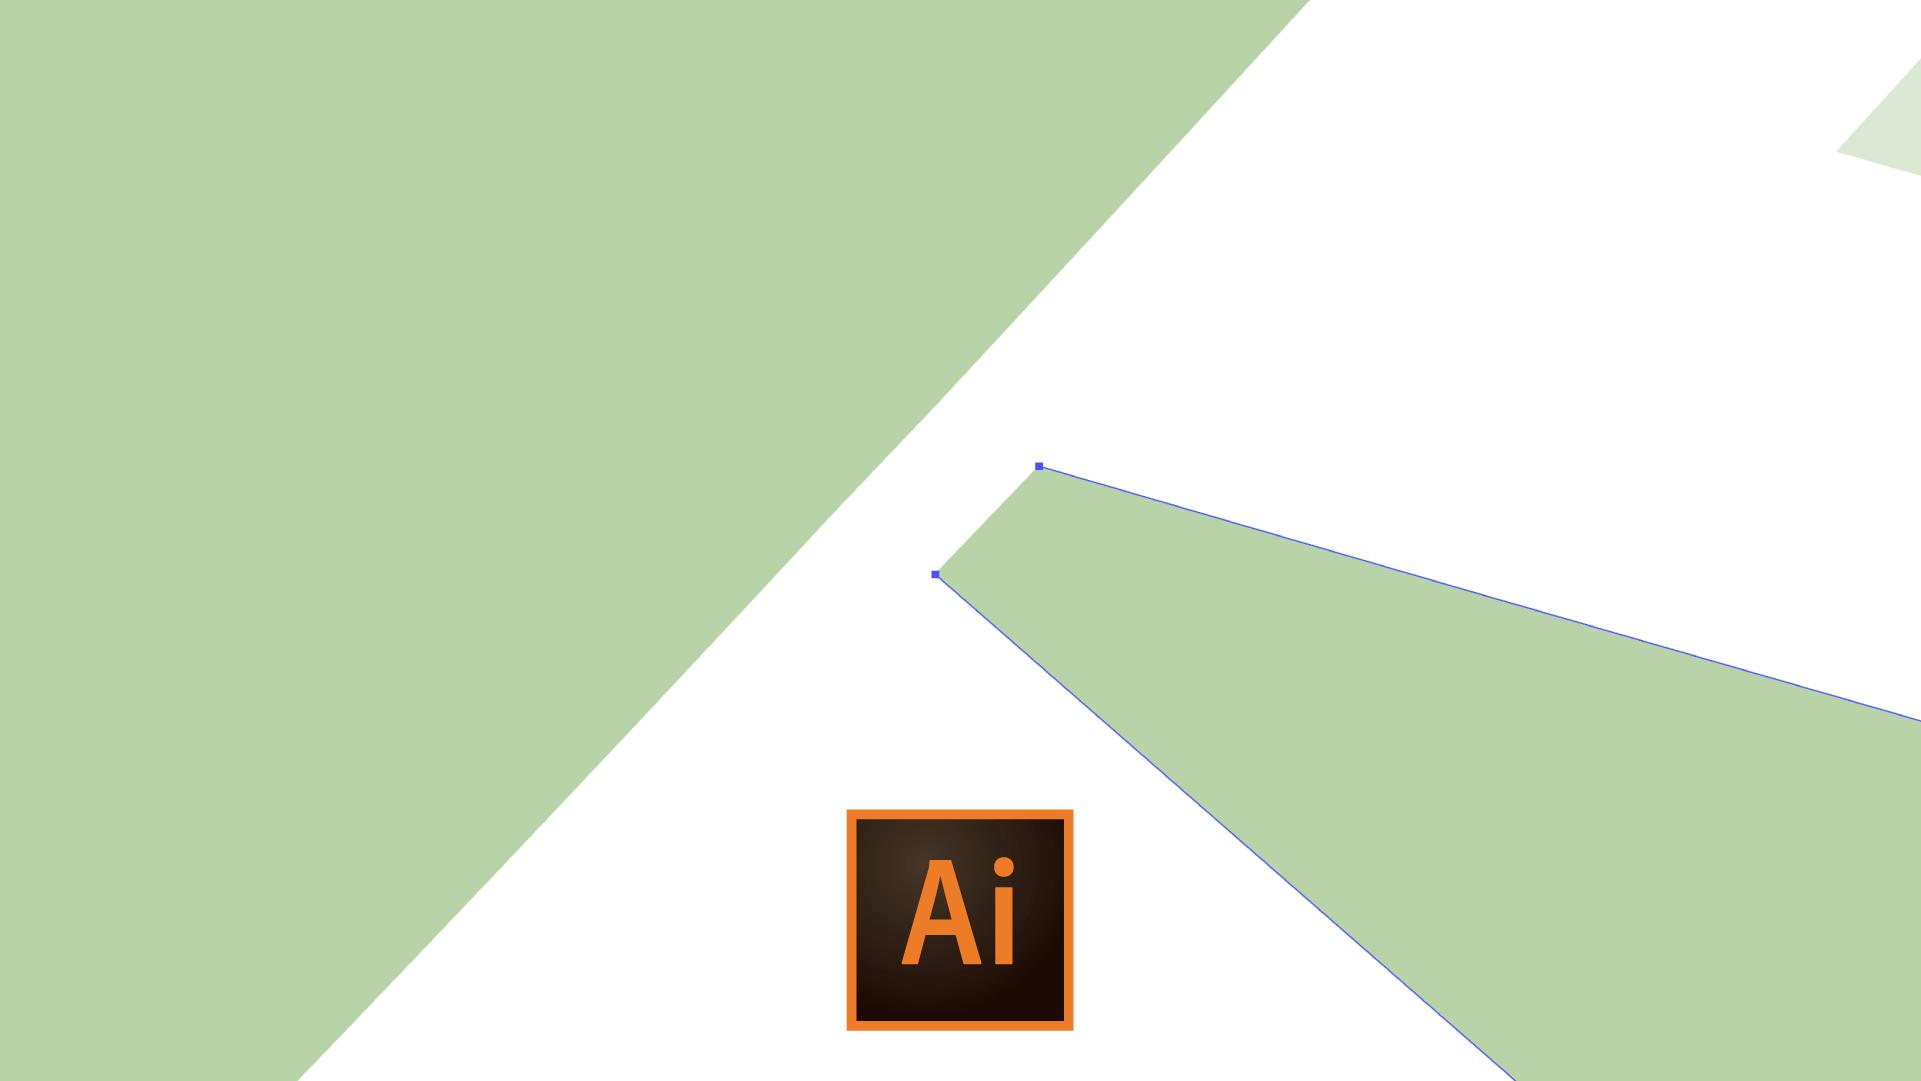 Illustratorでカットしたパスを繋げる方法